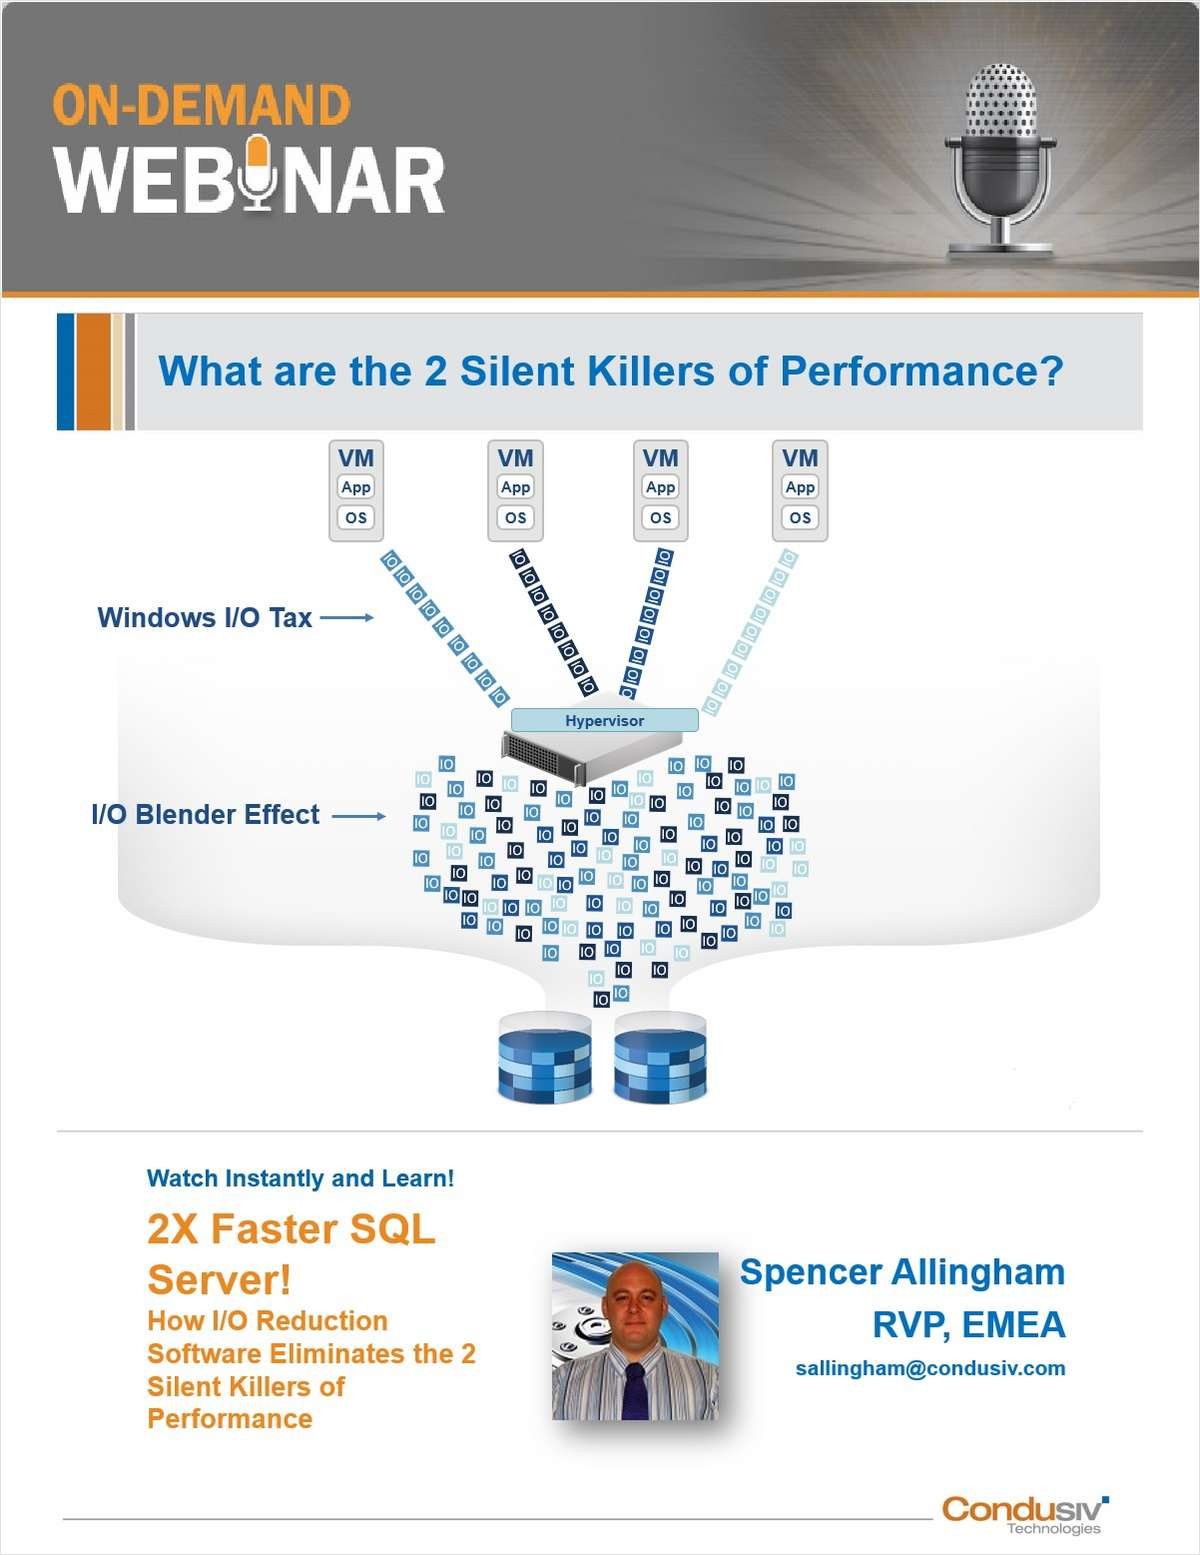 2X Faster SQL - GUARANTEED